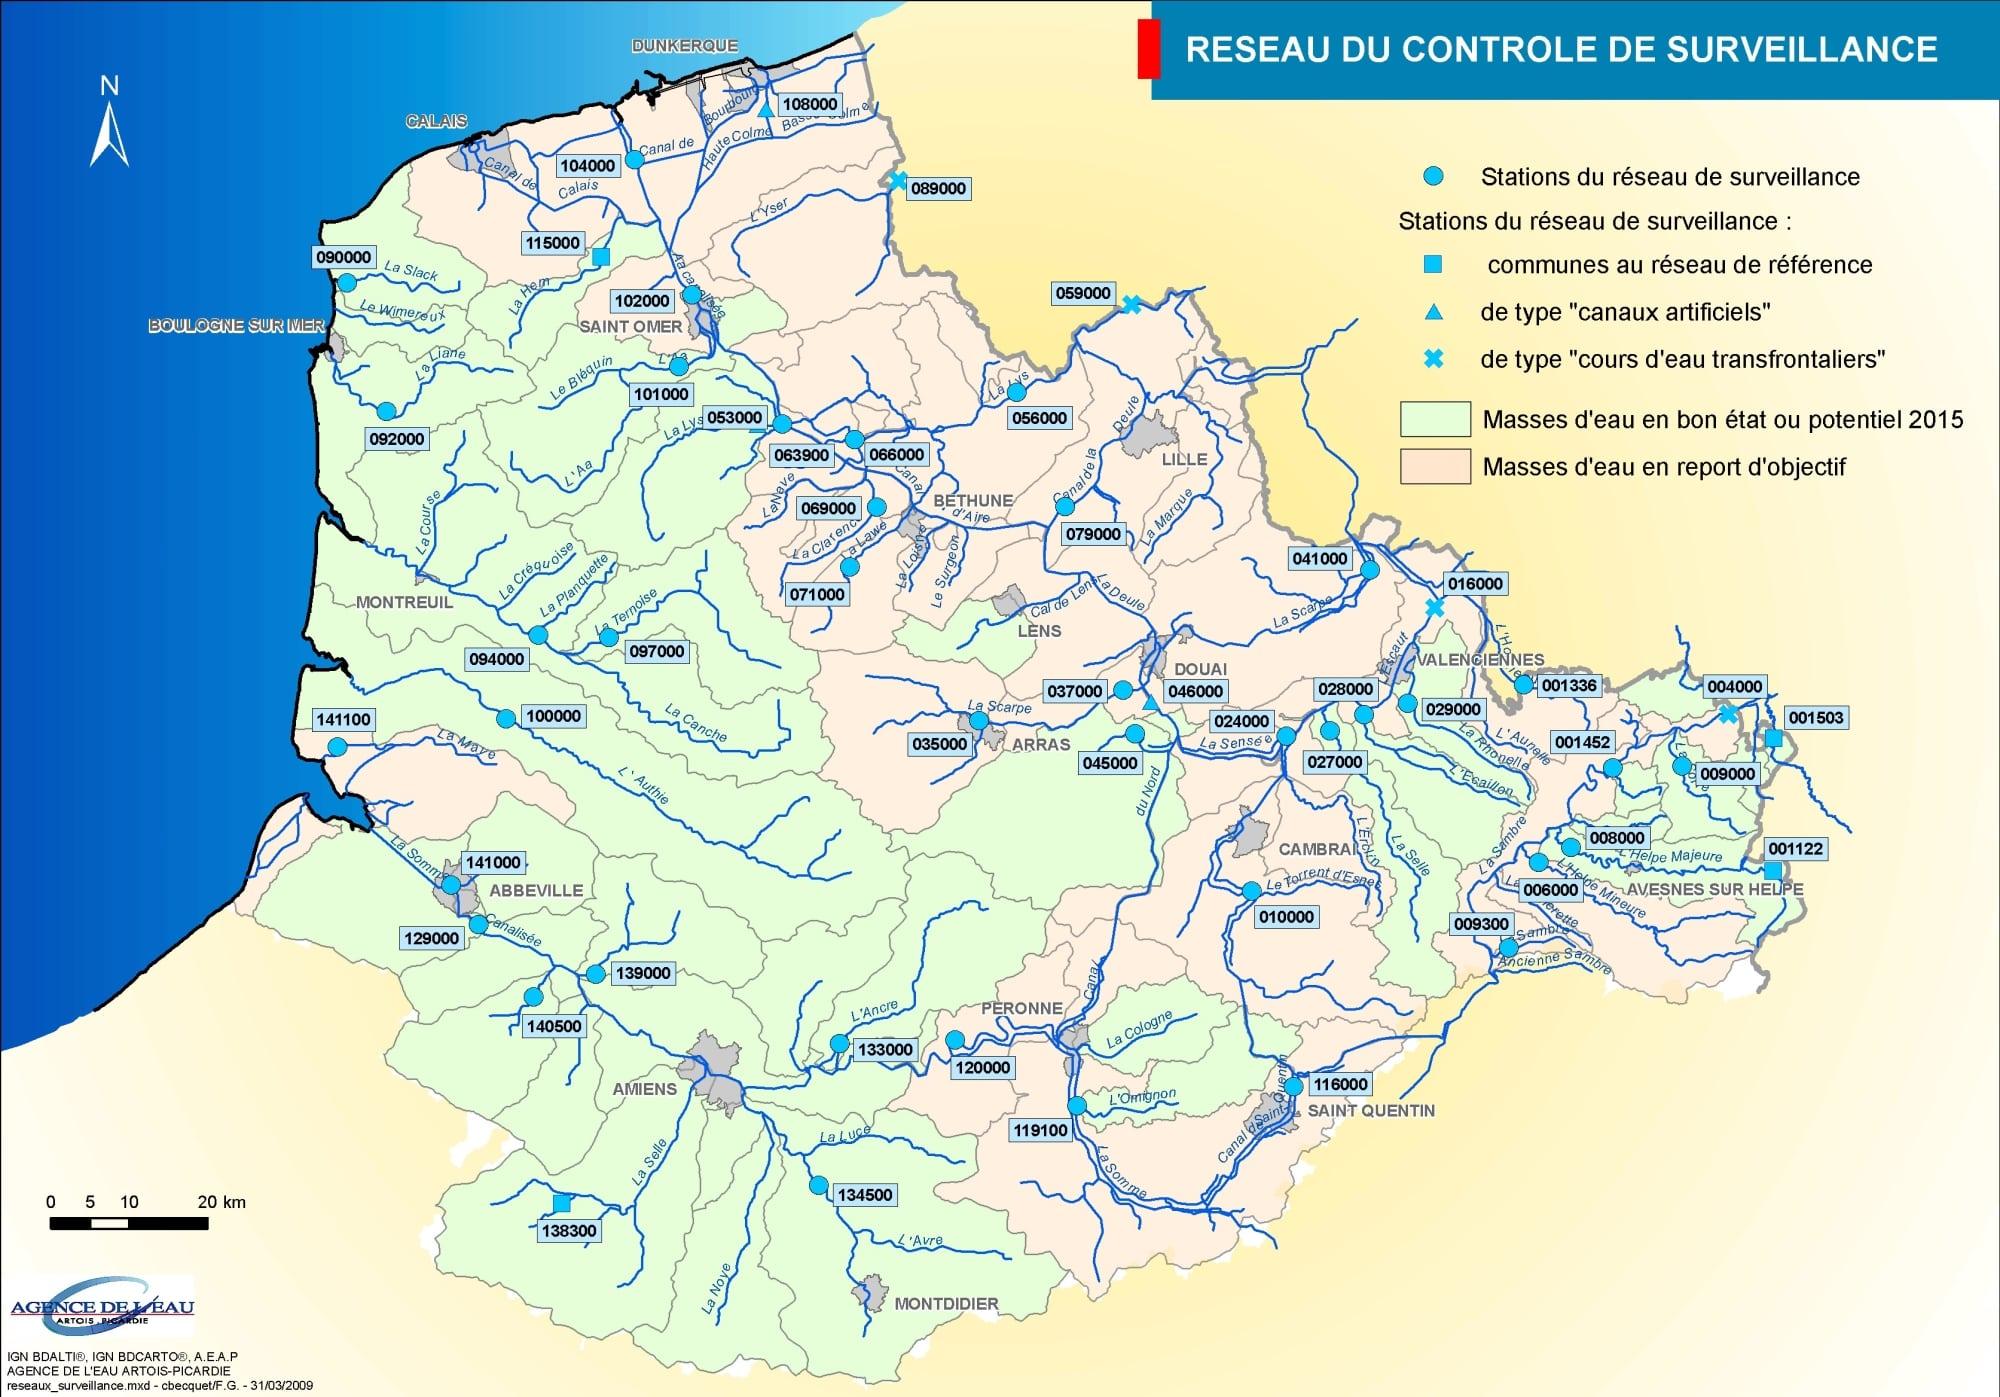 Carte Routiere Nord Bresil.Cartograf Fr Les Regions De France Le Nord Pas De Calais Page 2